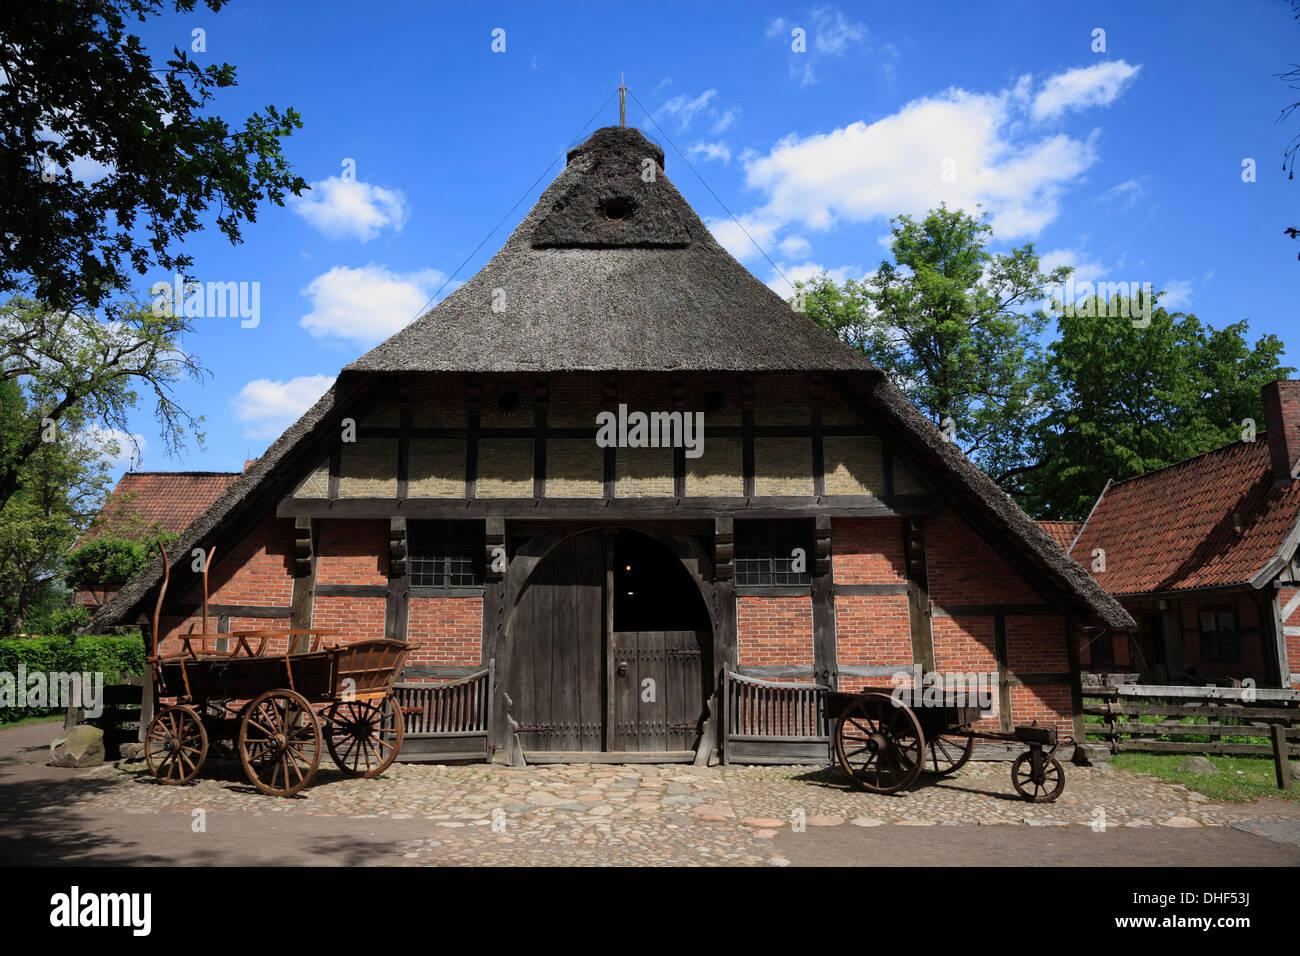 museum ammerlaender renovierungen bauernhaus ammerland bad zwischenahn niedersachsen. Black Bedroom Furniture Sets. Home Design Ideas